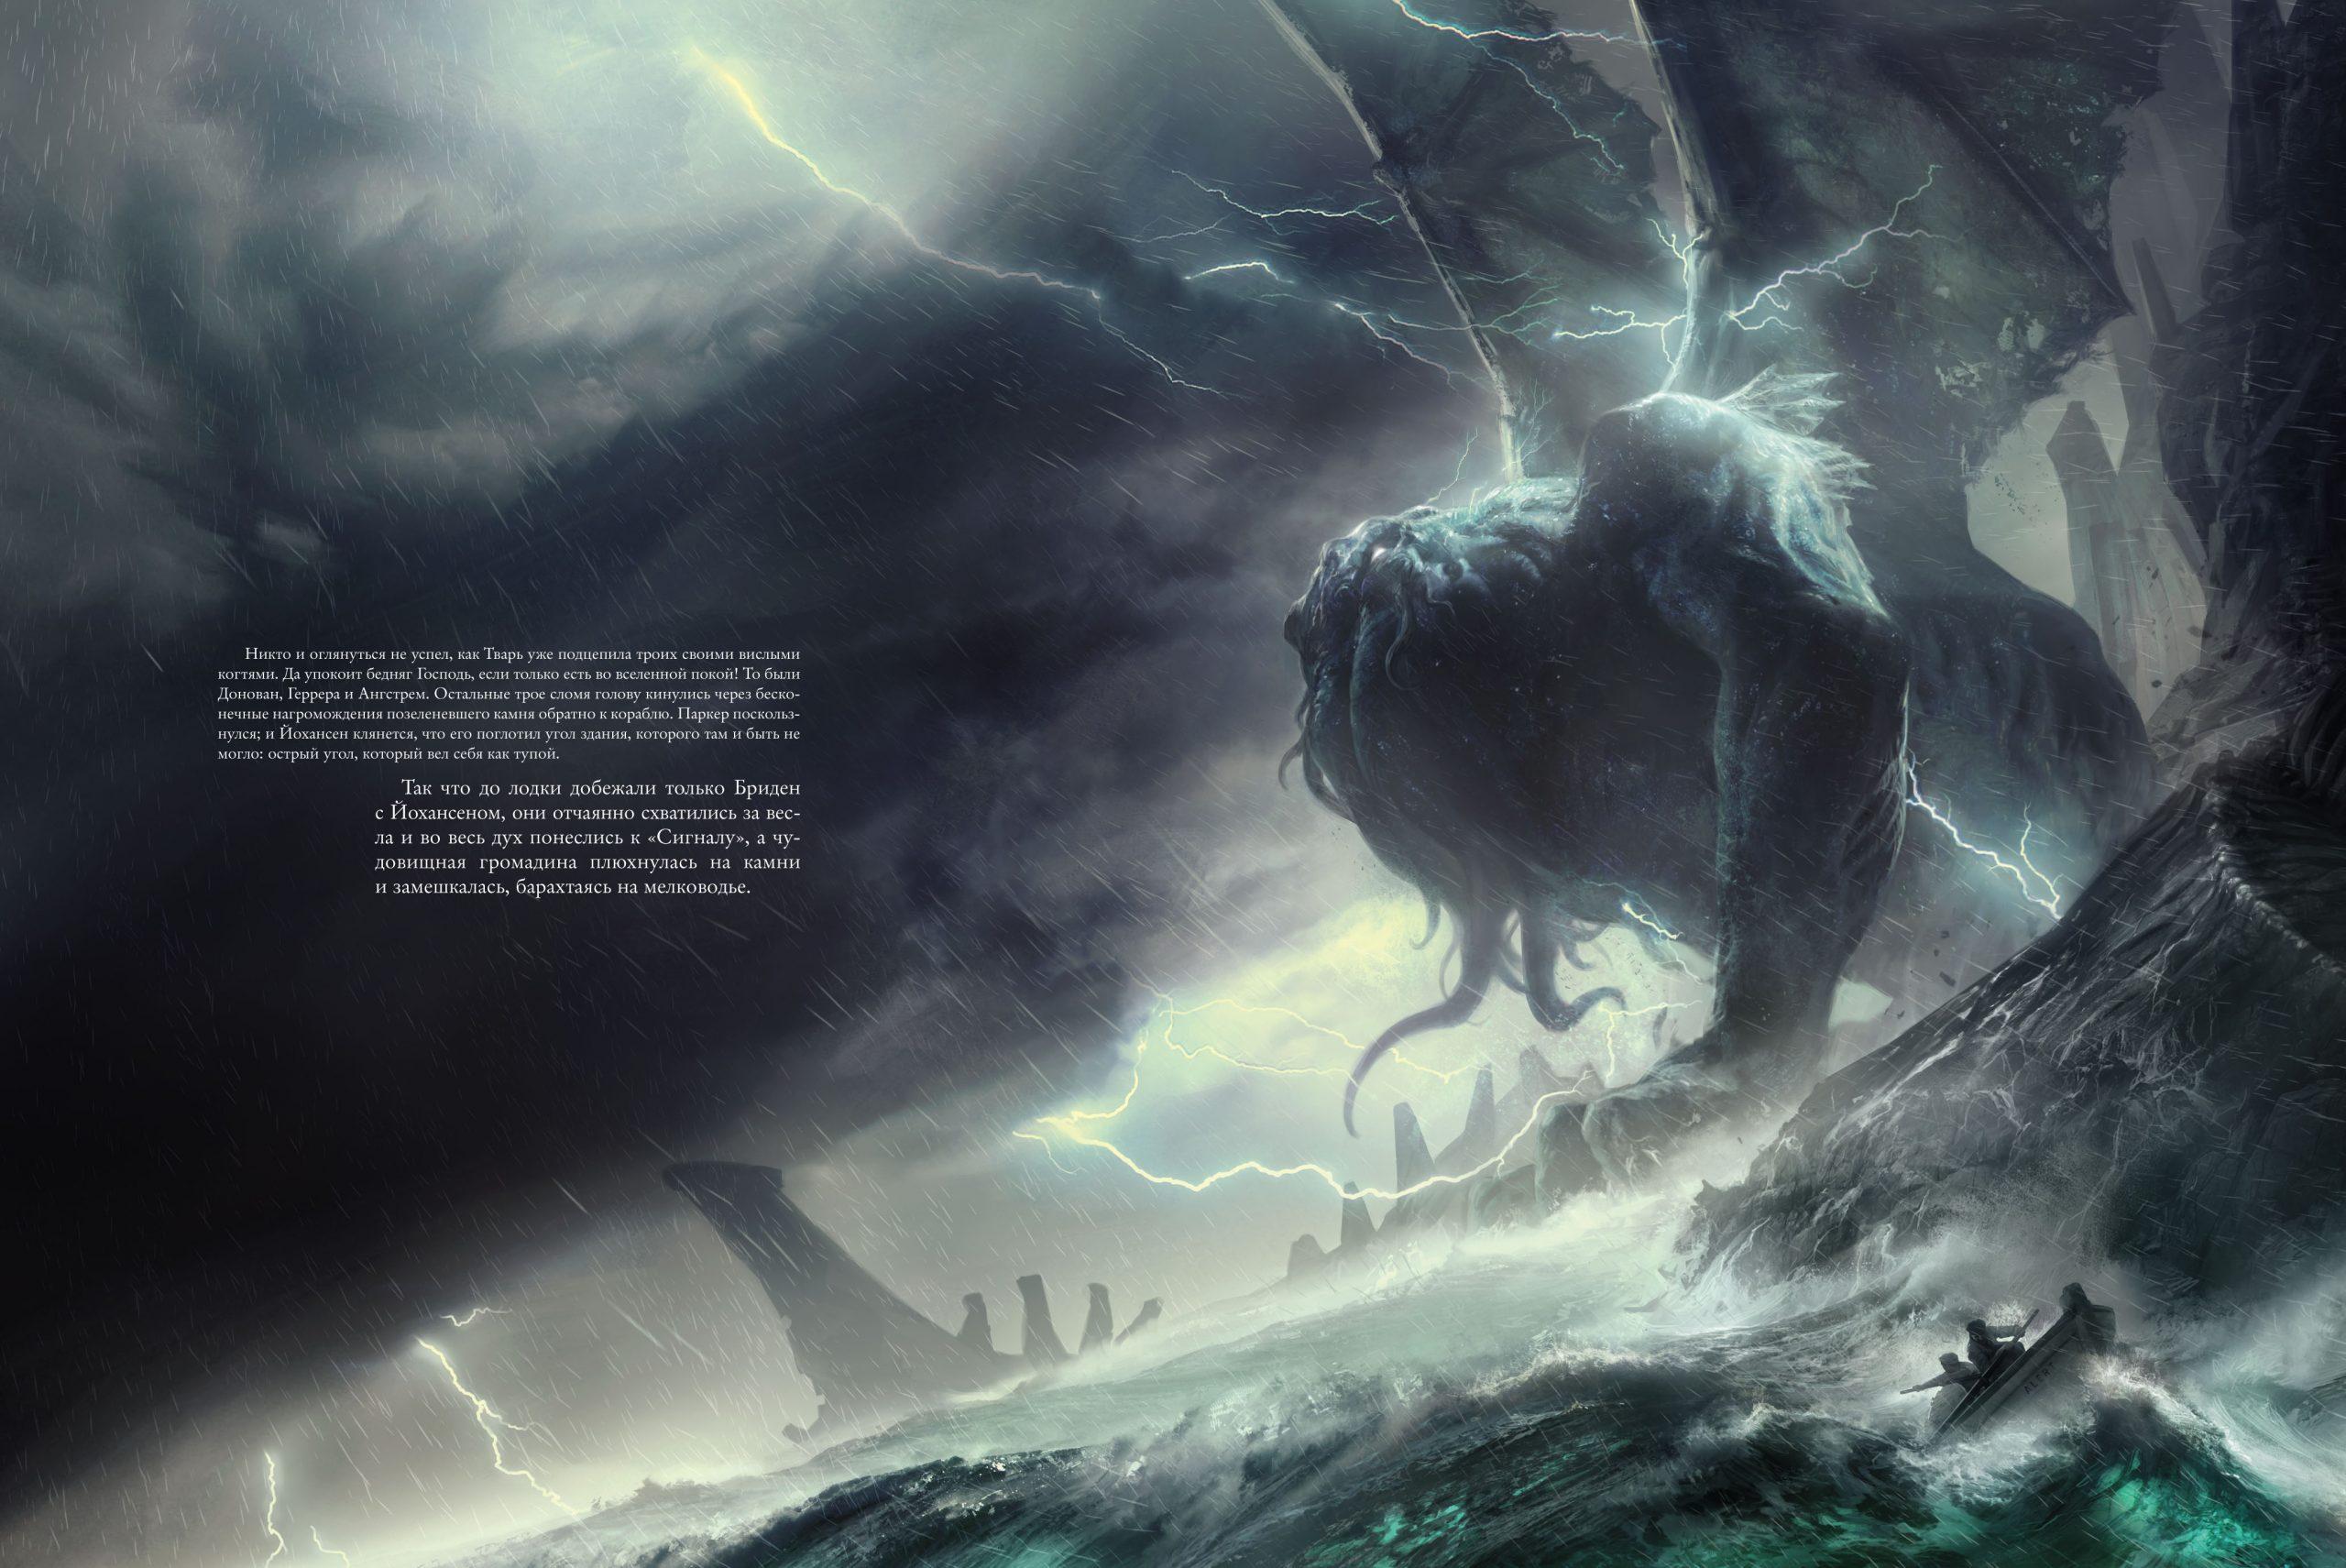 «Не мёртв, кого навек объяла тьма». Фрагменты «Зова Ктулху» силлюстрациями Франсуа Баранже 11